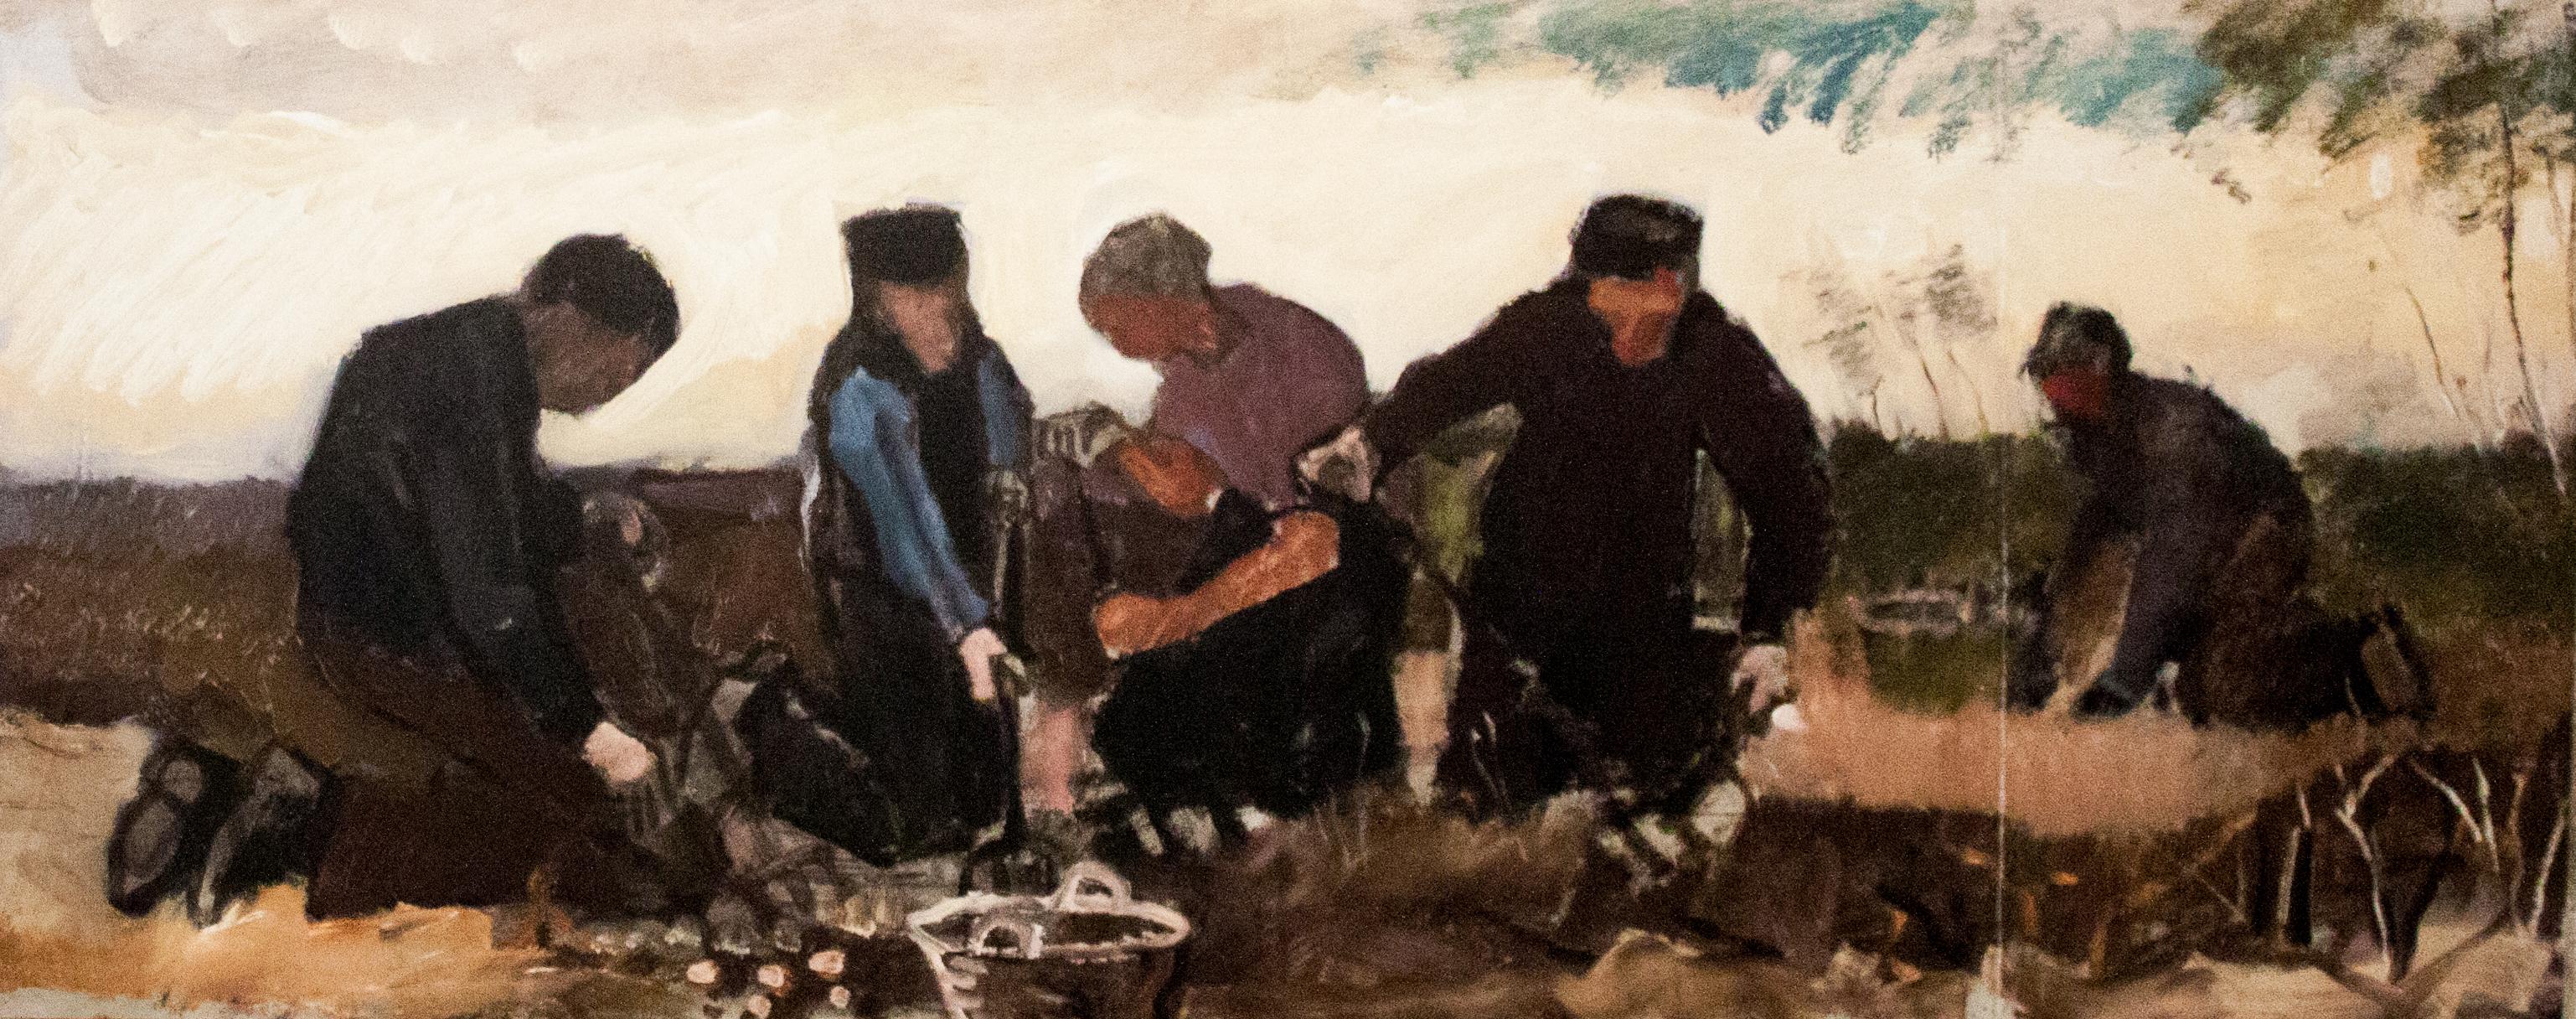 at a potato digging